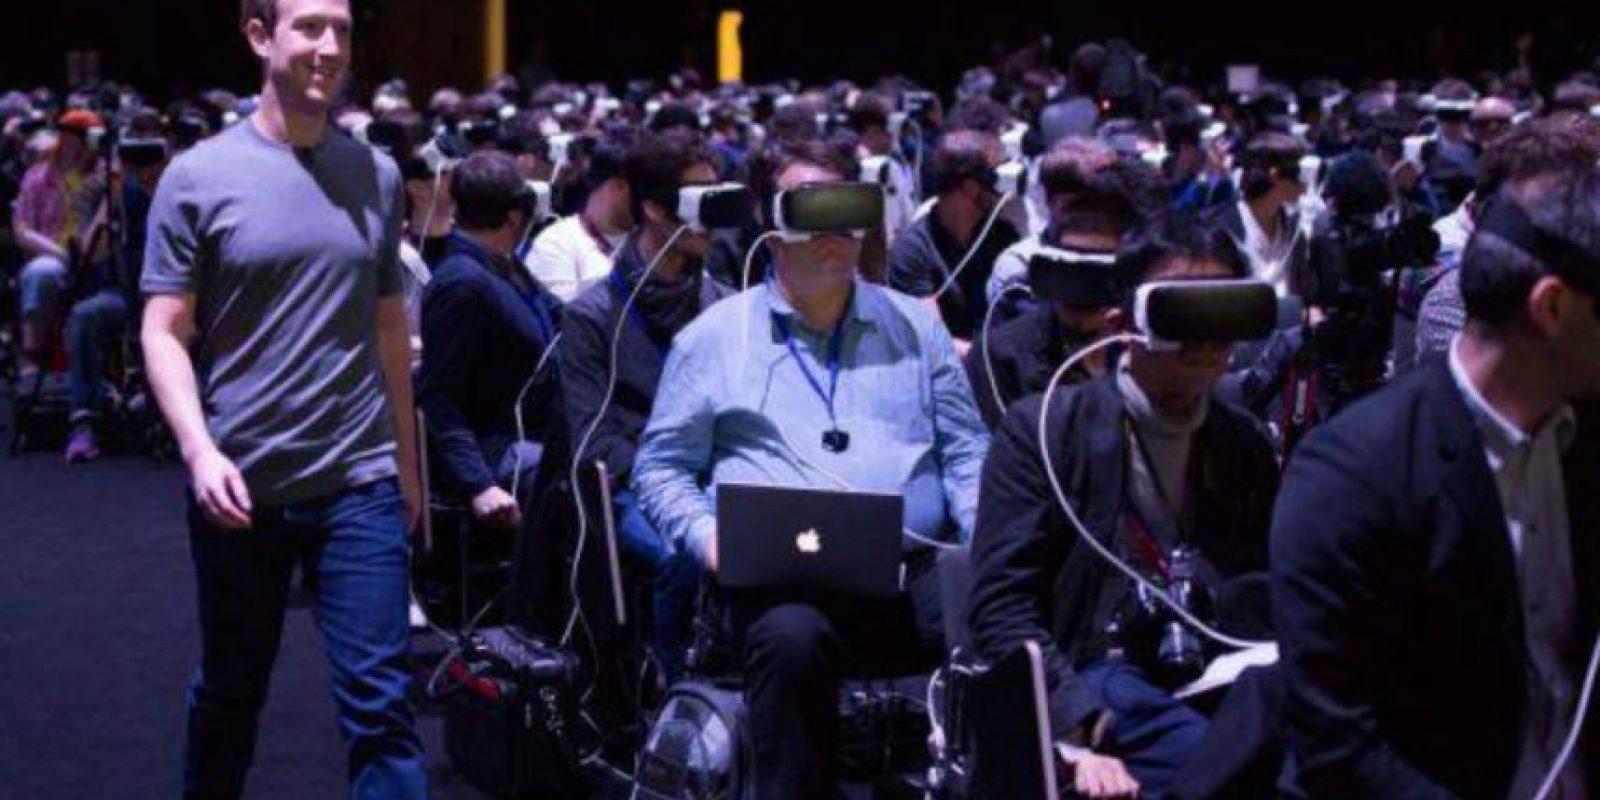 El CEO de Facebook presentó los lentes Oculus Rift. Foto:Facebook/Mark Zuckerberg